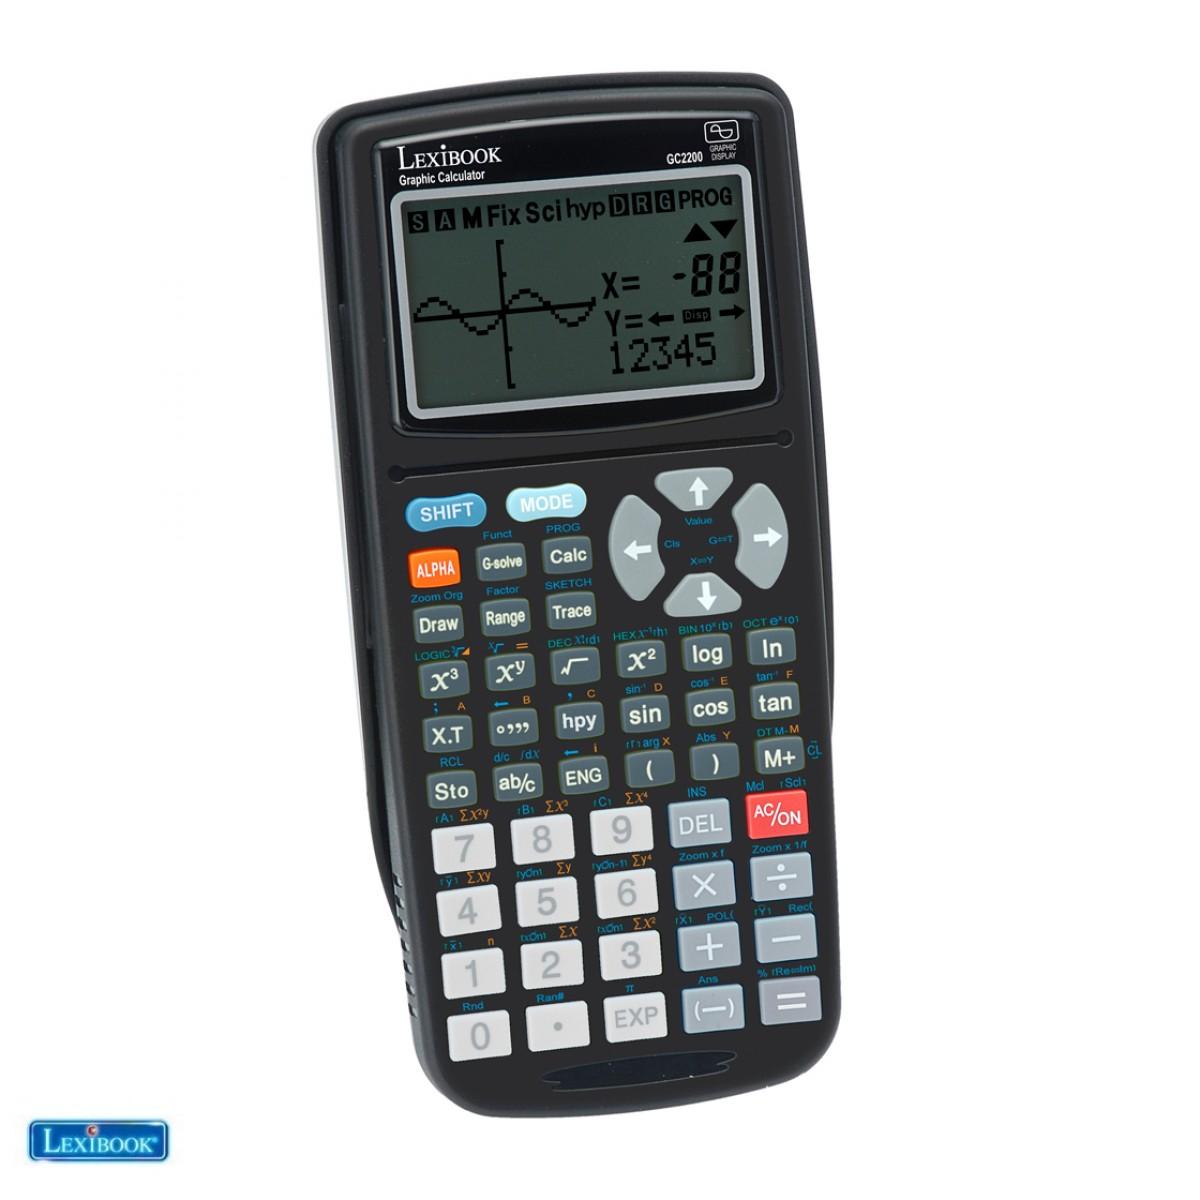 GC2200FR-04 - Calculatrice Graphique 262 fonctions - Lexibook